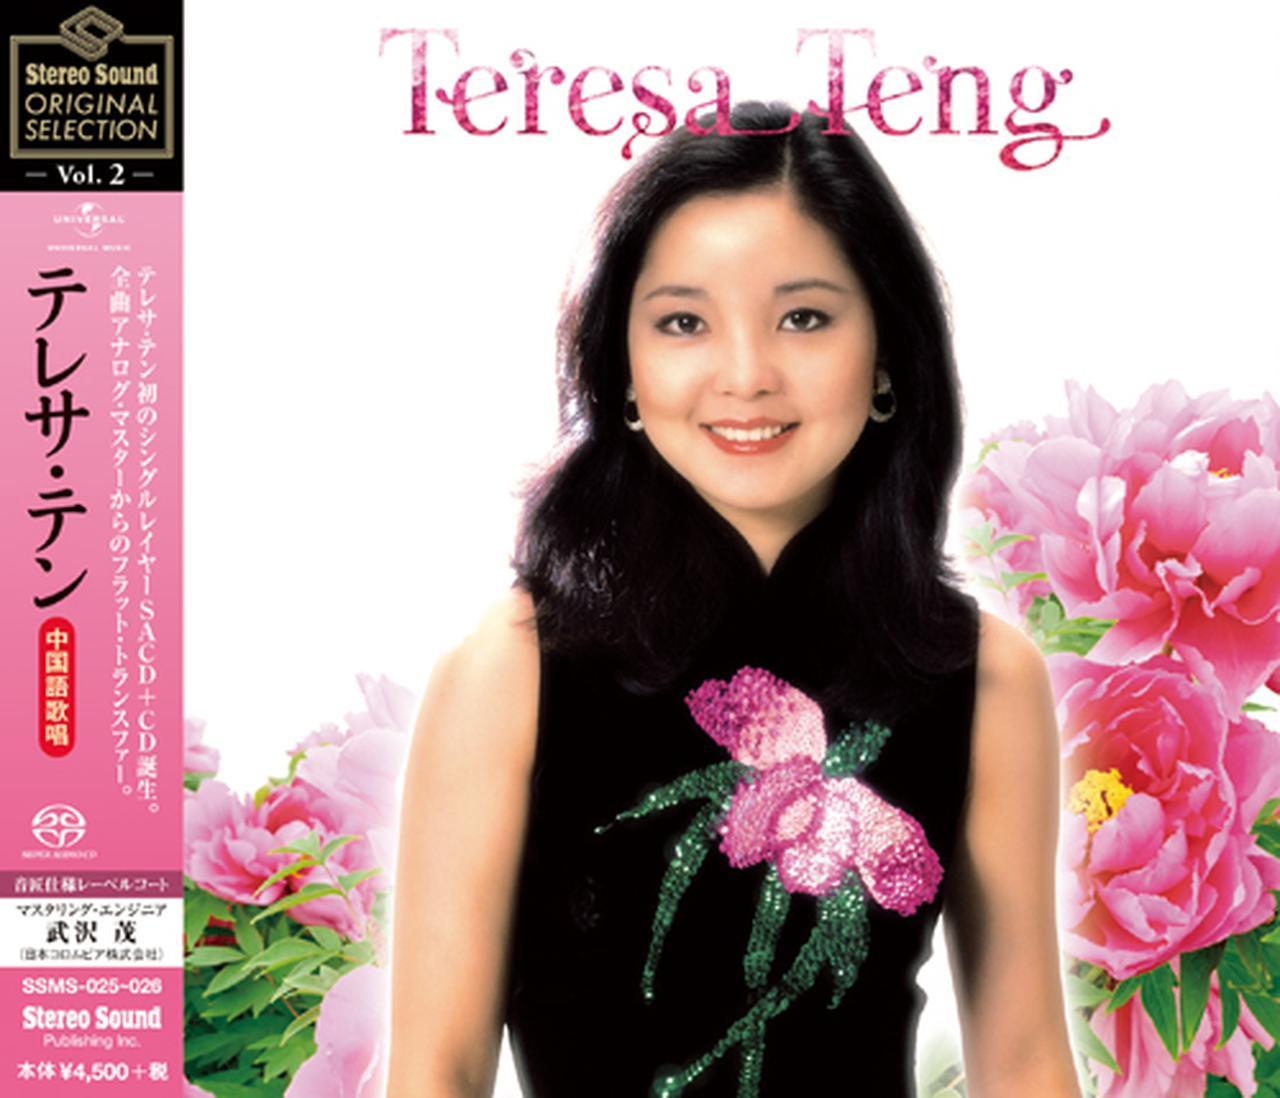 画像: Stereo Sound ORIGINAL SELECTION Vol.2 「テレサ・テン 《中国語歌唱》」 (Single Layer SACD+CD・2枚組) SSMS-025~026